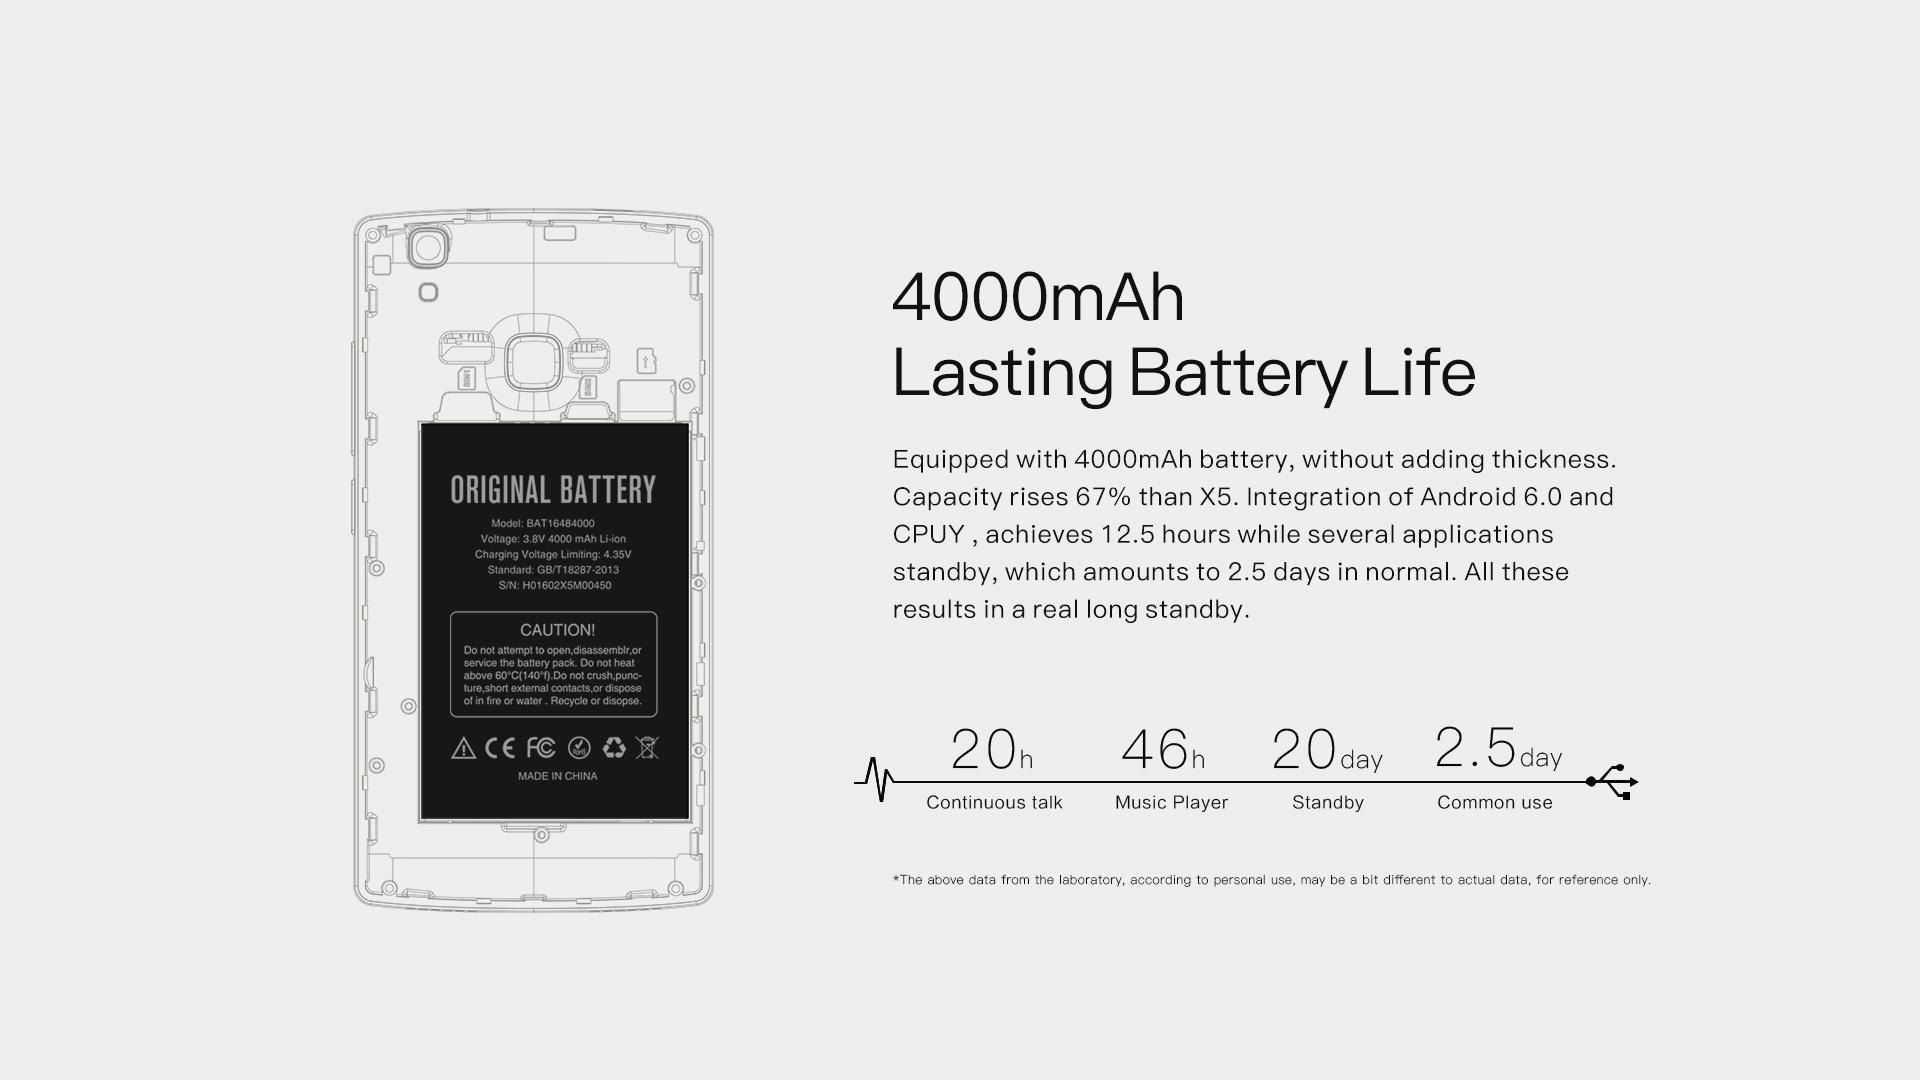 Producent słusznie chwali się baterią. To jedna z głównych zalet tego smartfona.